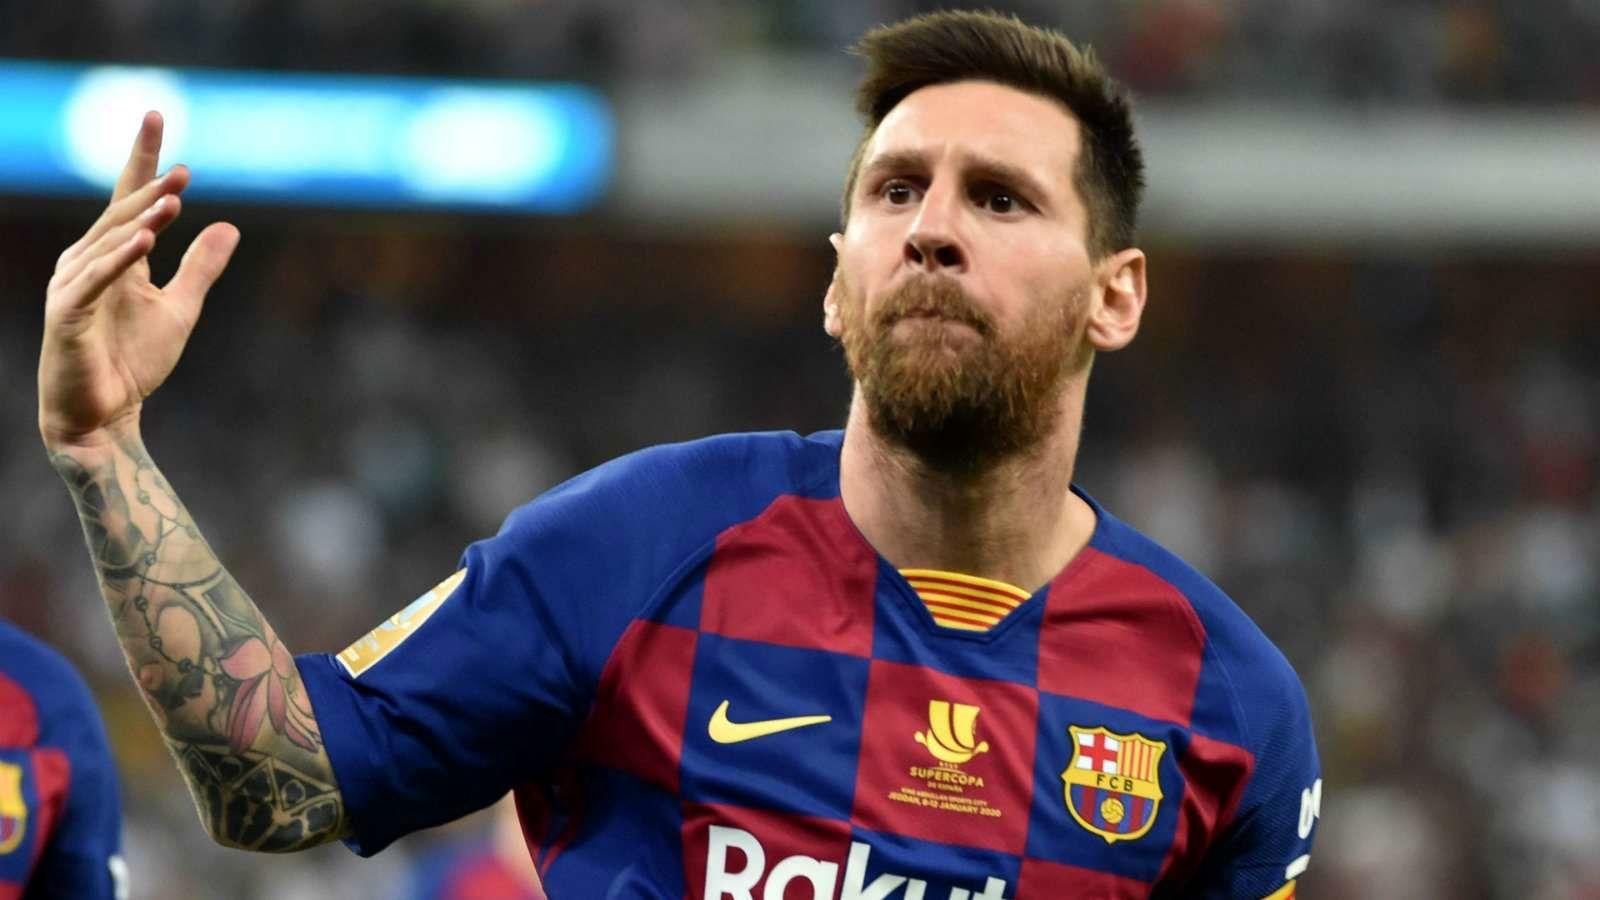 لیونل مسی به بارسلونا؛ نیمار را هر طوره شده بازگردانید